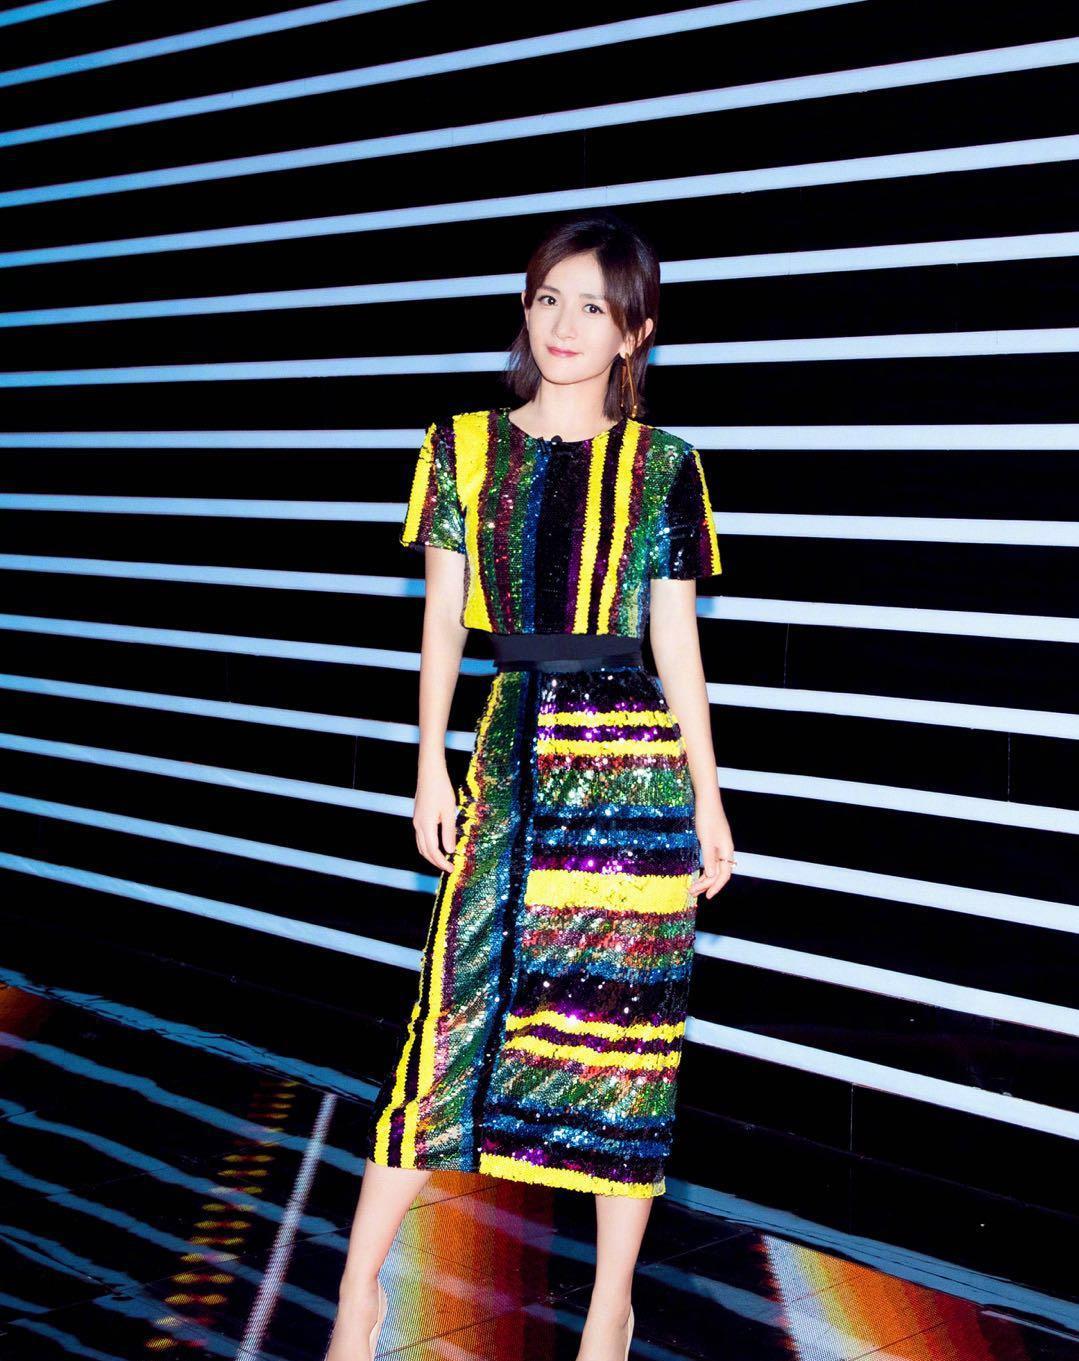 被谢娜《巅峰之夜》的造型圈粉,一身条纹亮片套装裙,气质又减龄